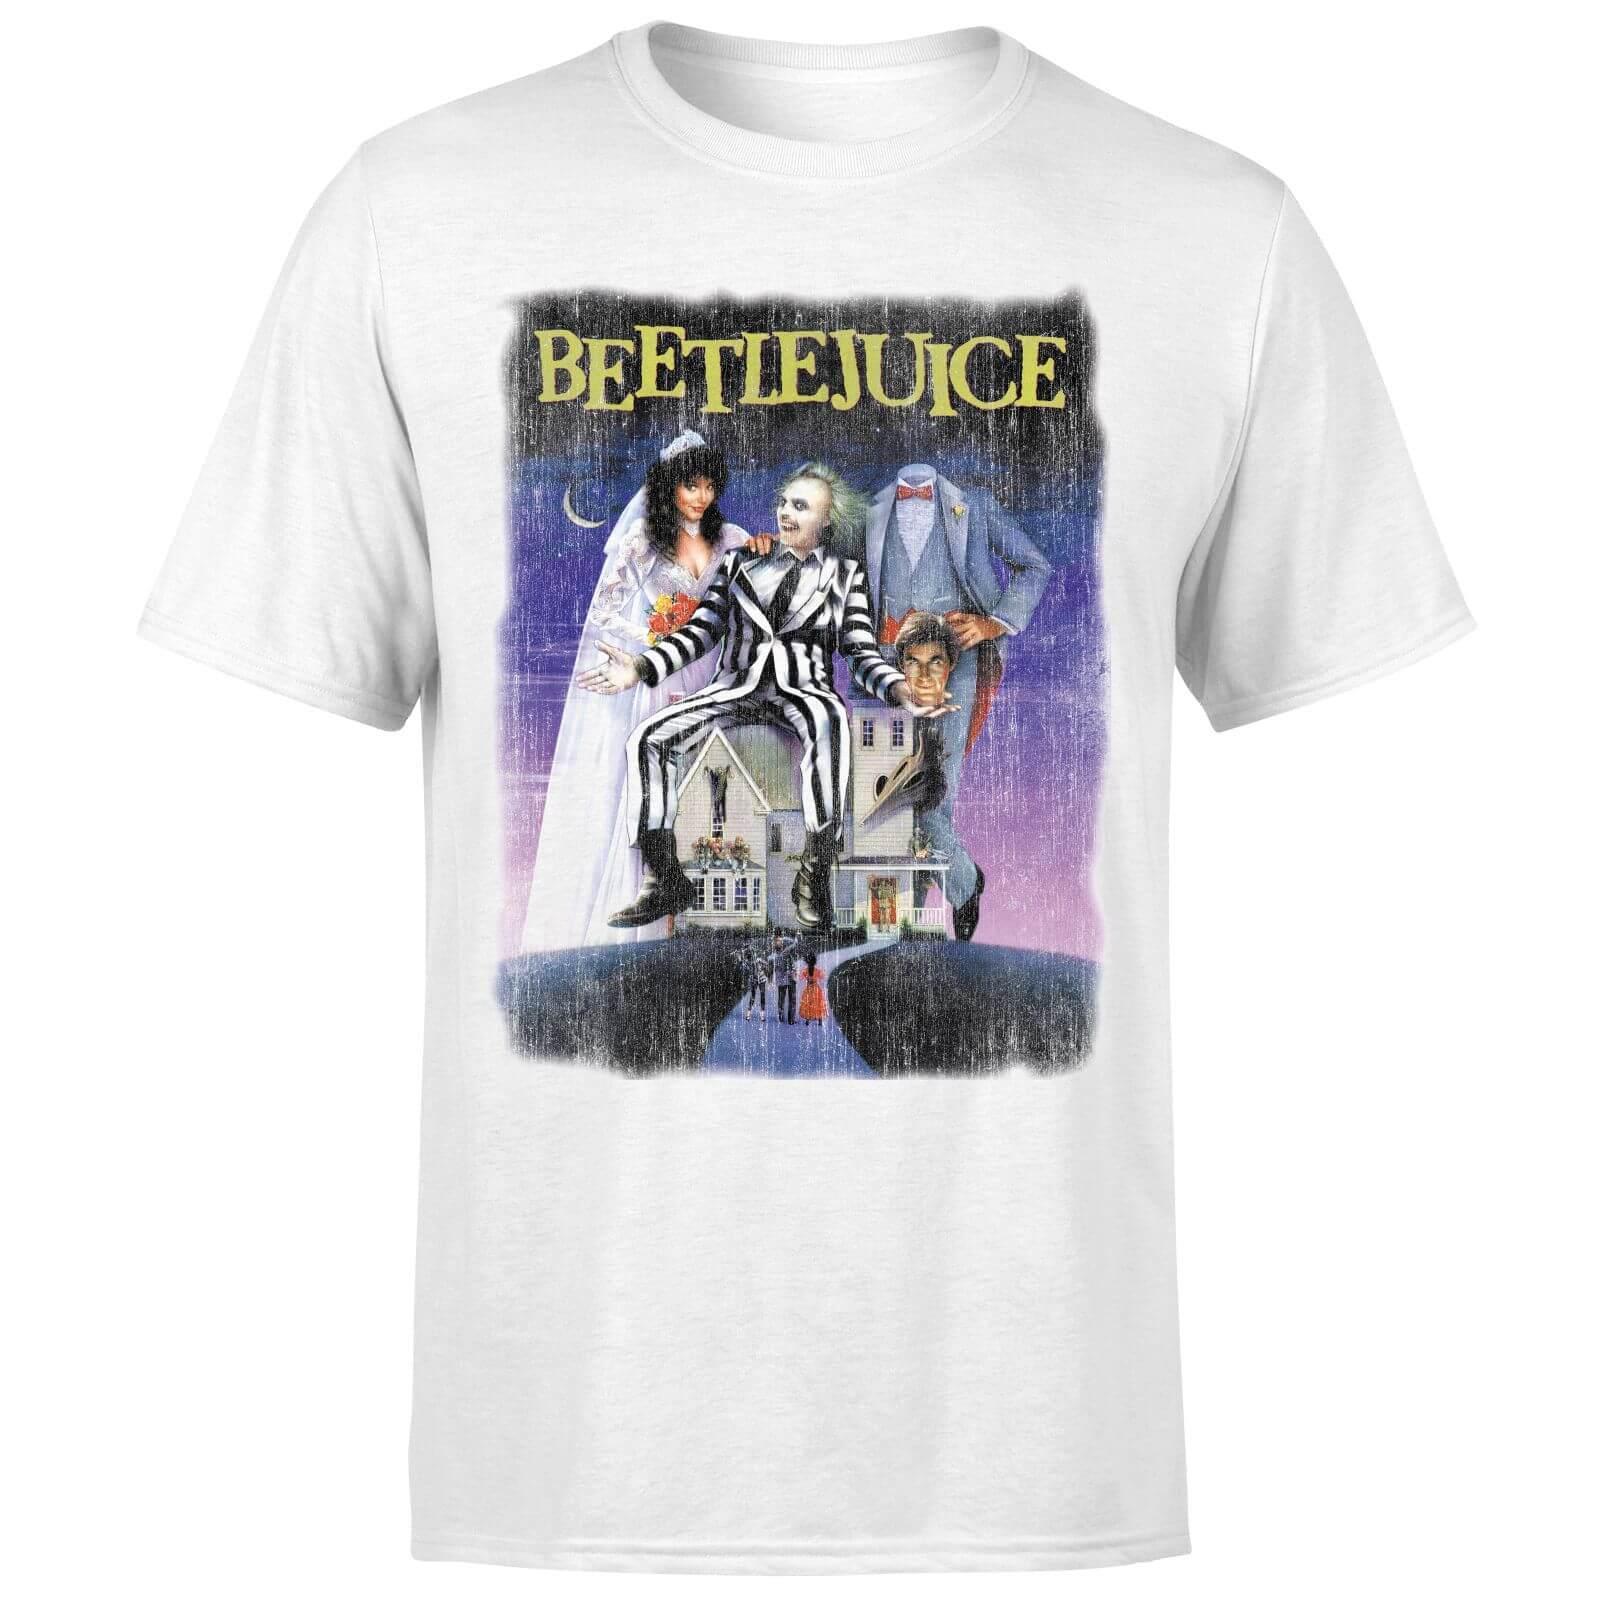 Beetlejuice T-Shirt Homme Affiche Abîmée Beetlejuice - Blanc - XS - Blanc